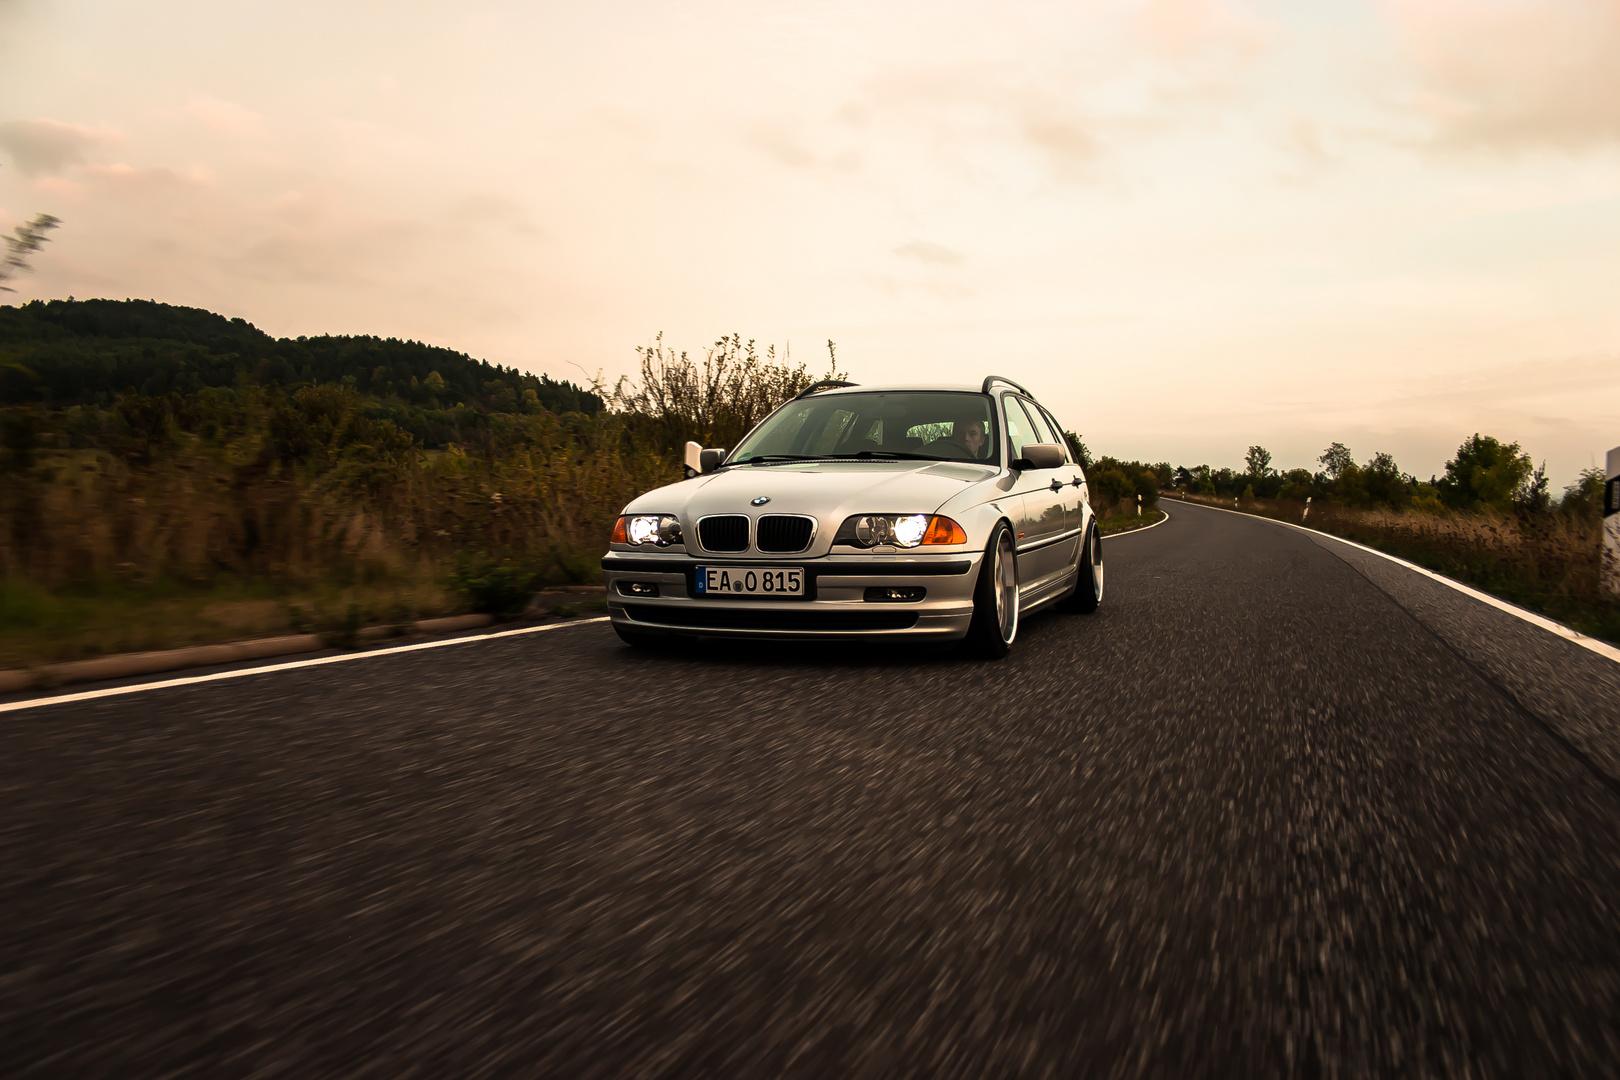 bmw e46 touring rolling shot